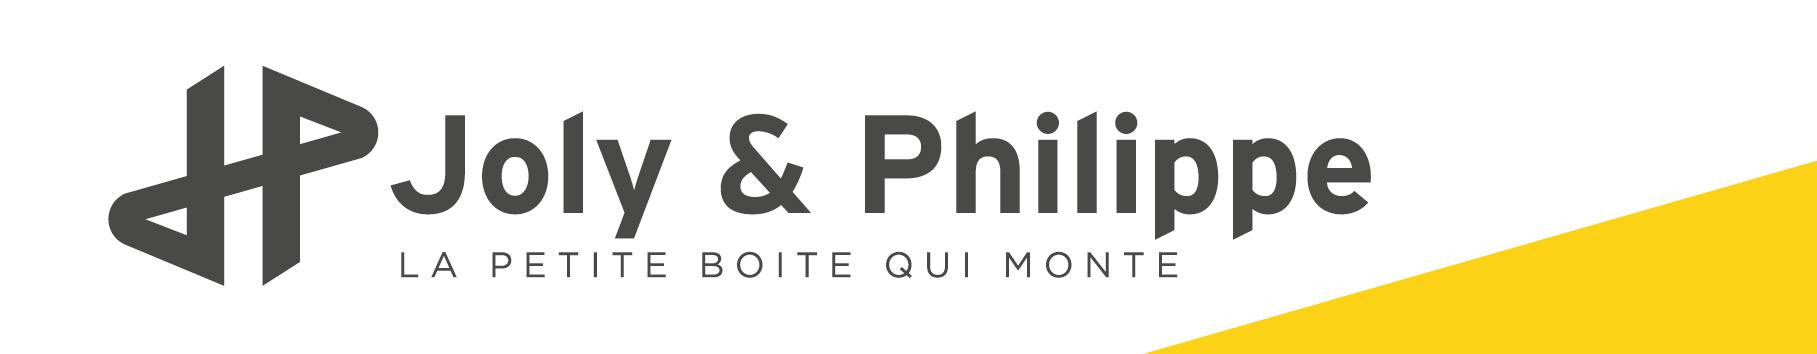 Logo de l'exposant : JOLY ET PHILIPPE